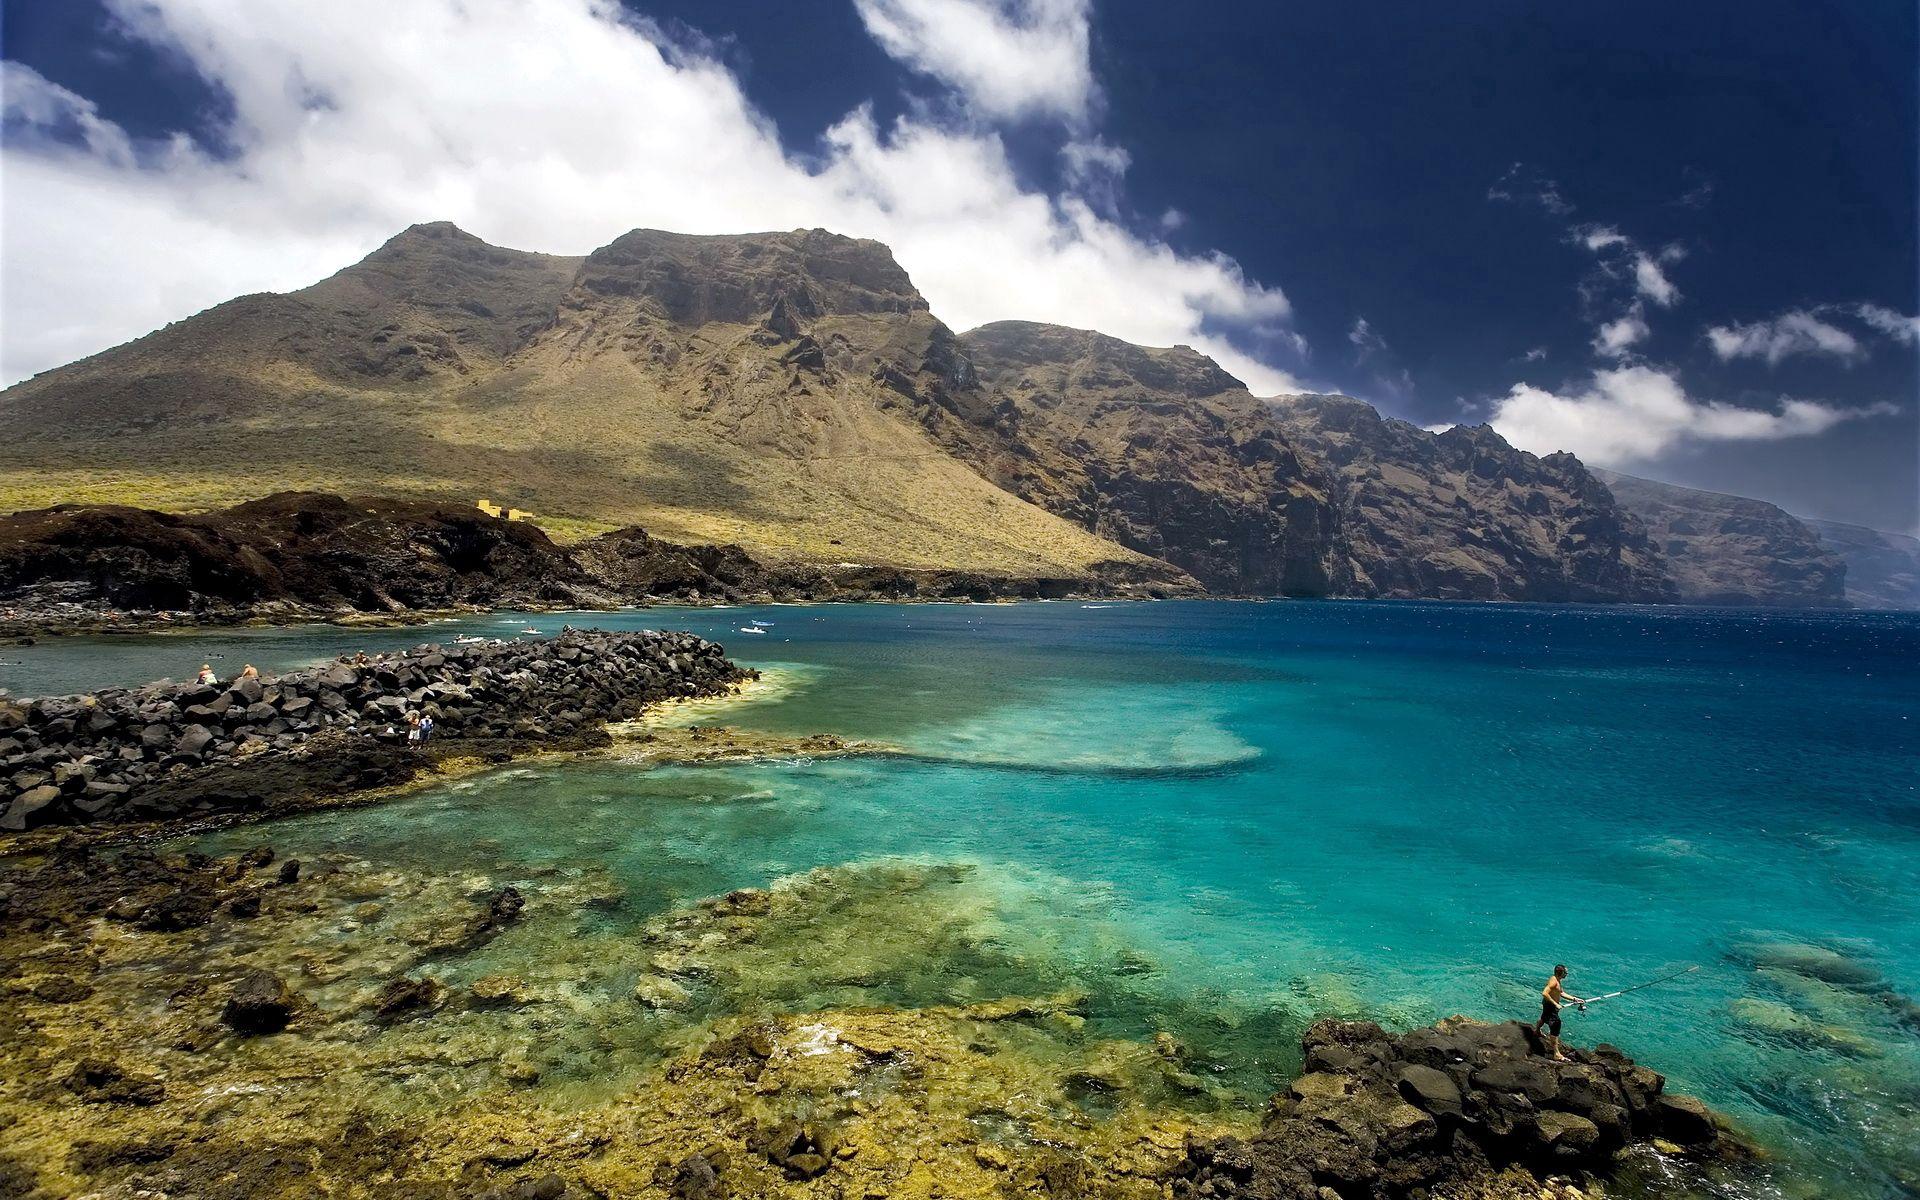 94917 скачать обои Природа, Тенериф, Испания, Залив, Камни, Рыбак, Небо, Облака, Ясно, Горы - заставки и картинки бесплатно